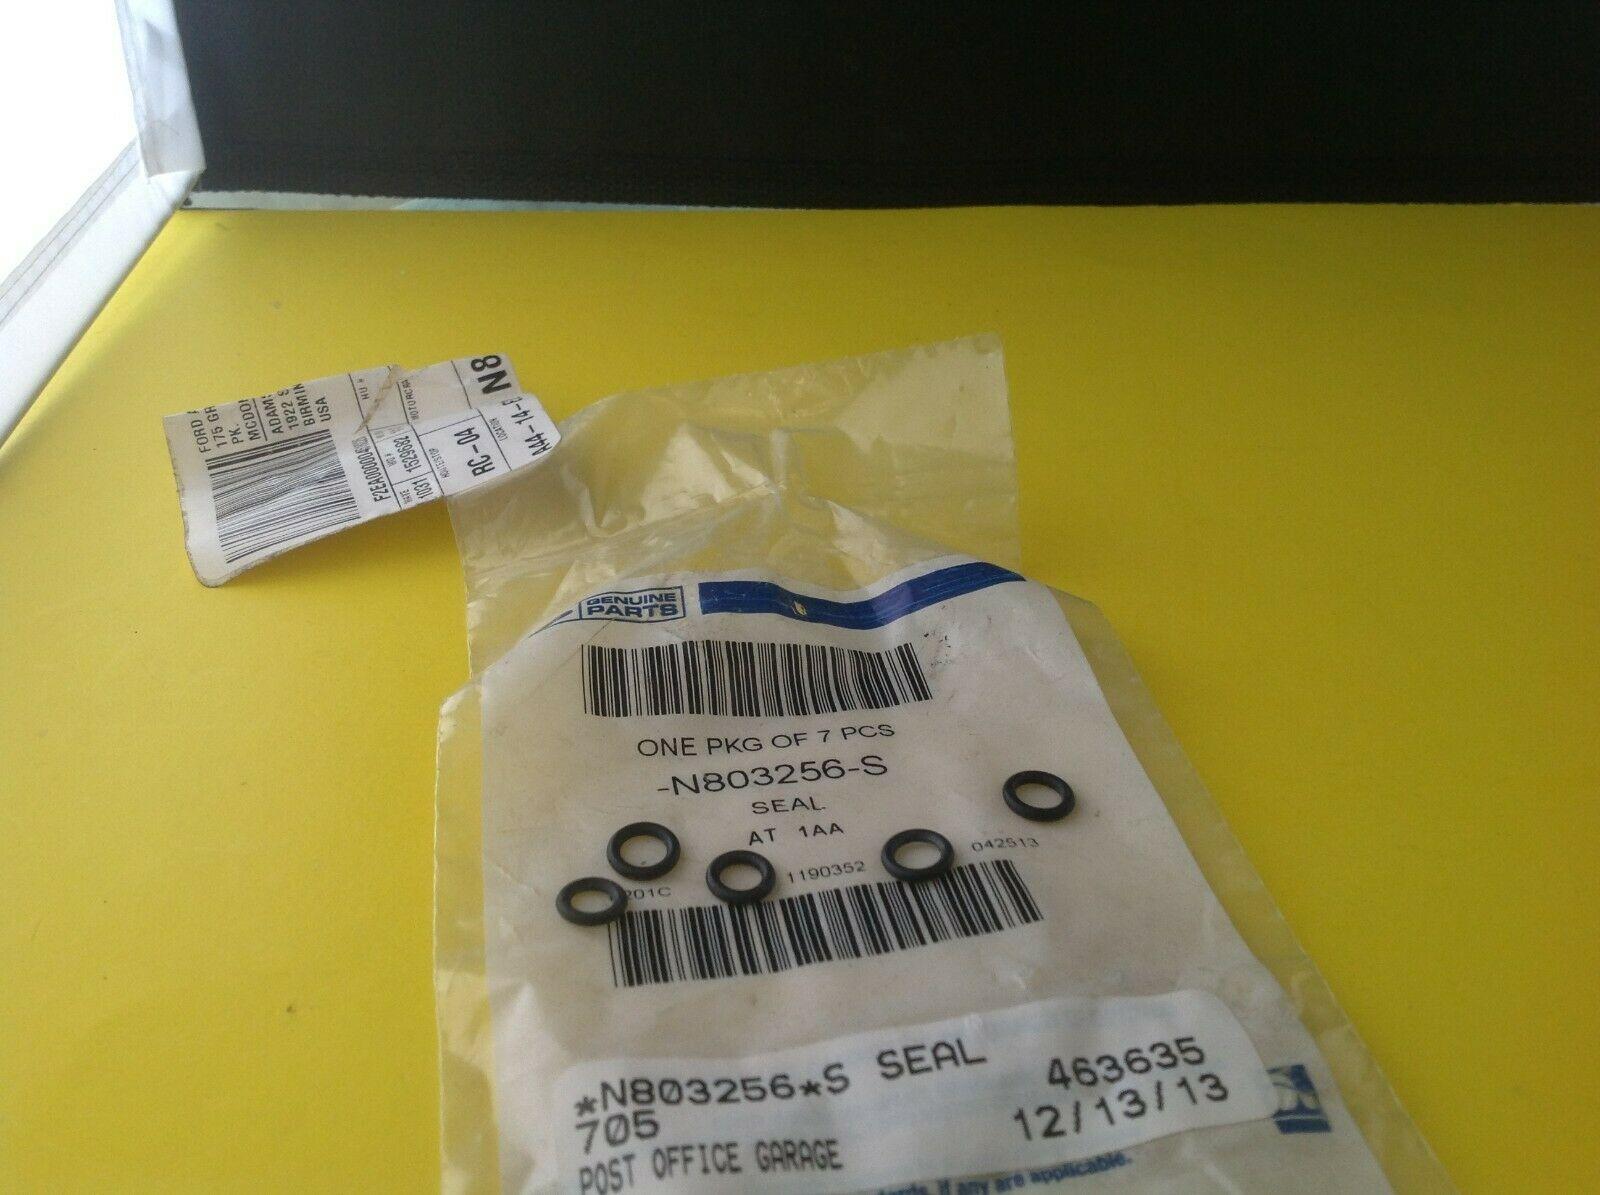 Brand New OEM SEAL N803256-S |N8032|